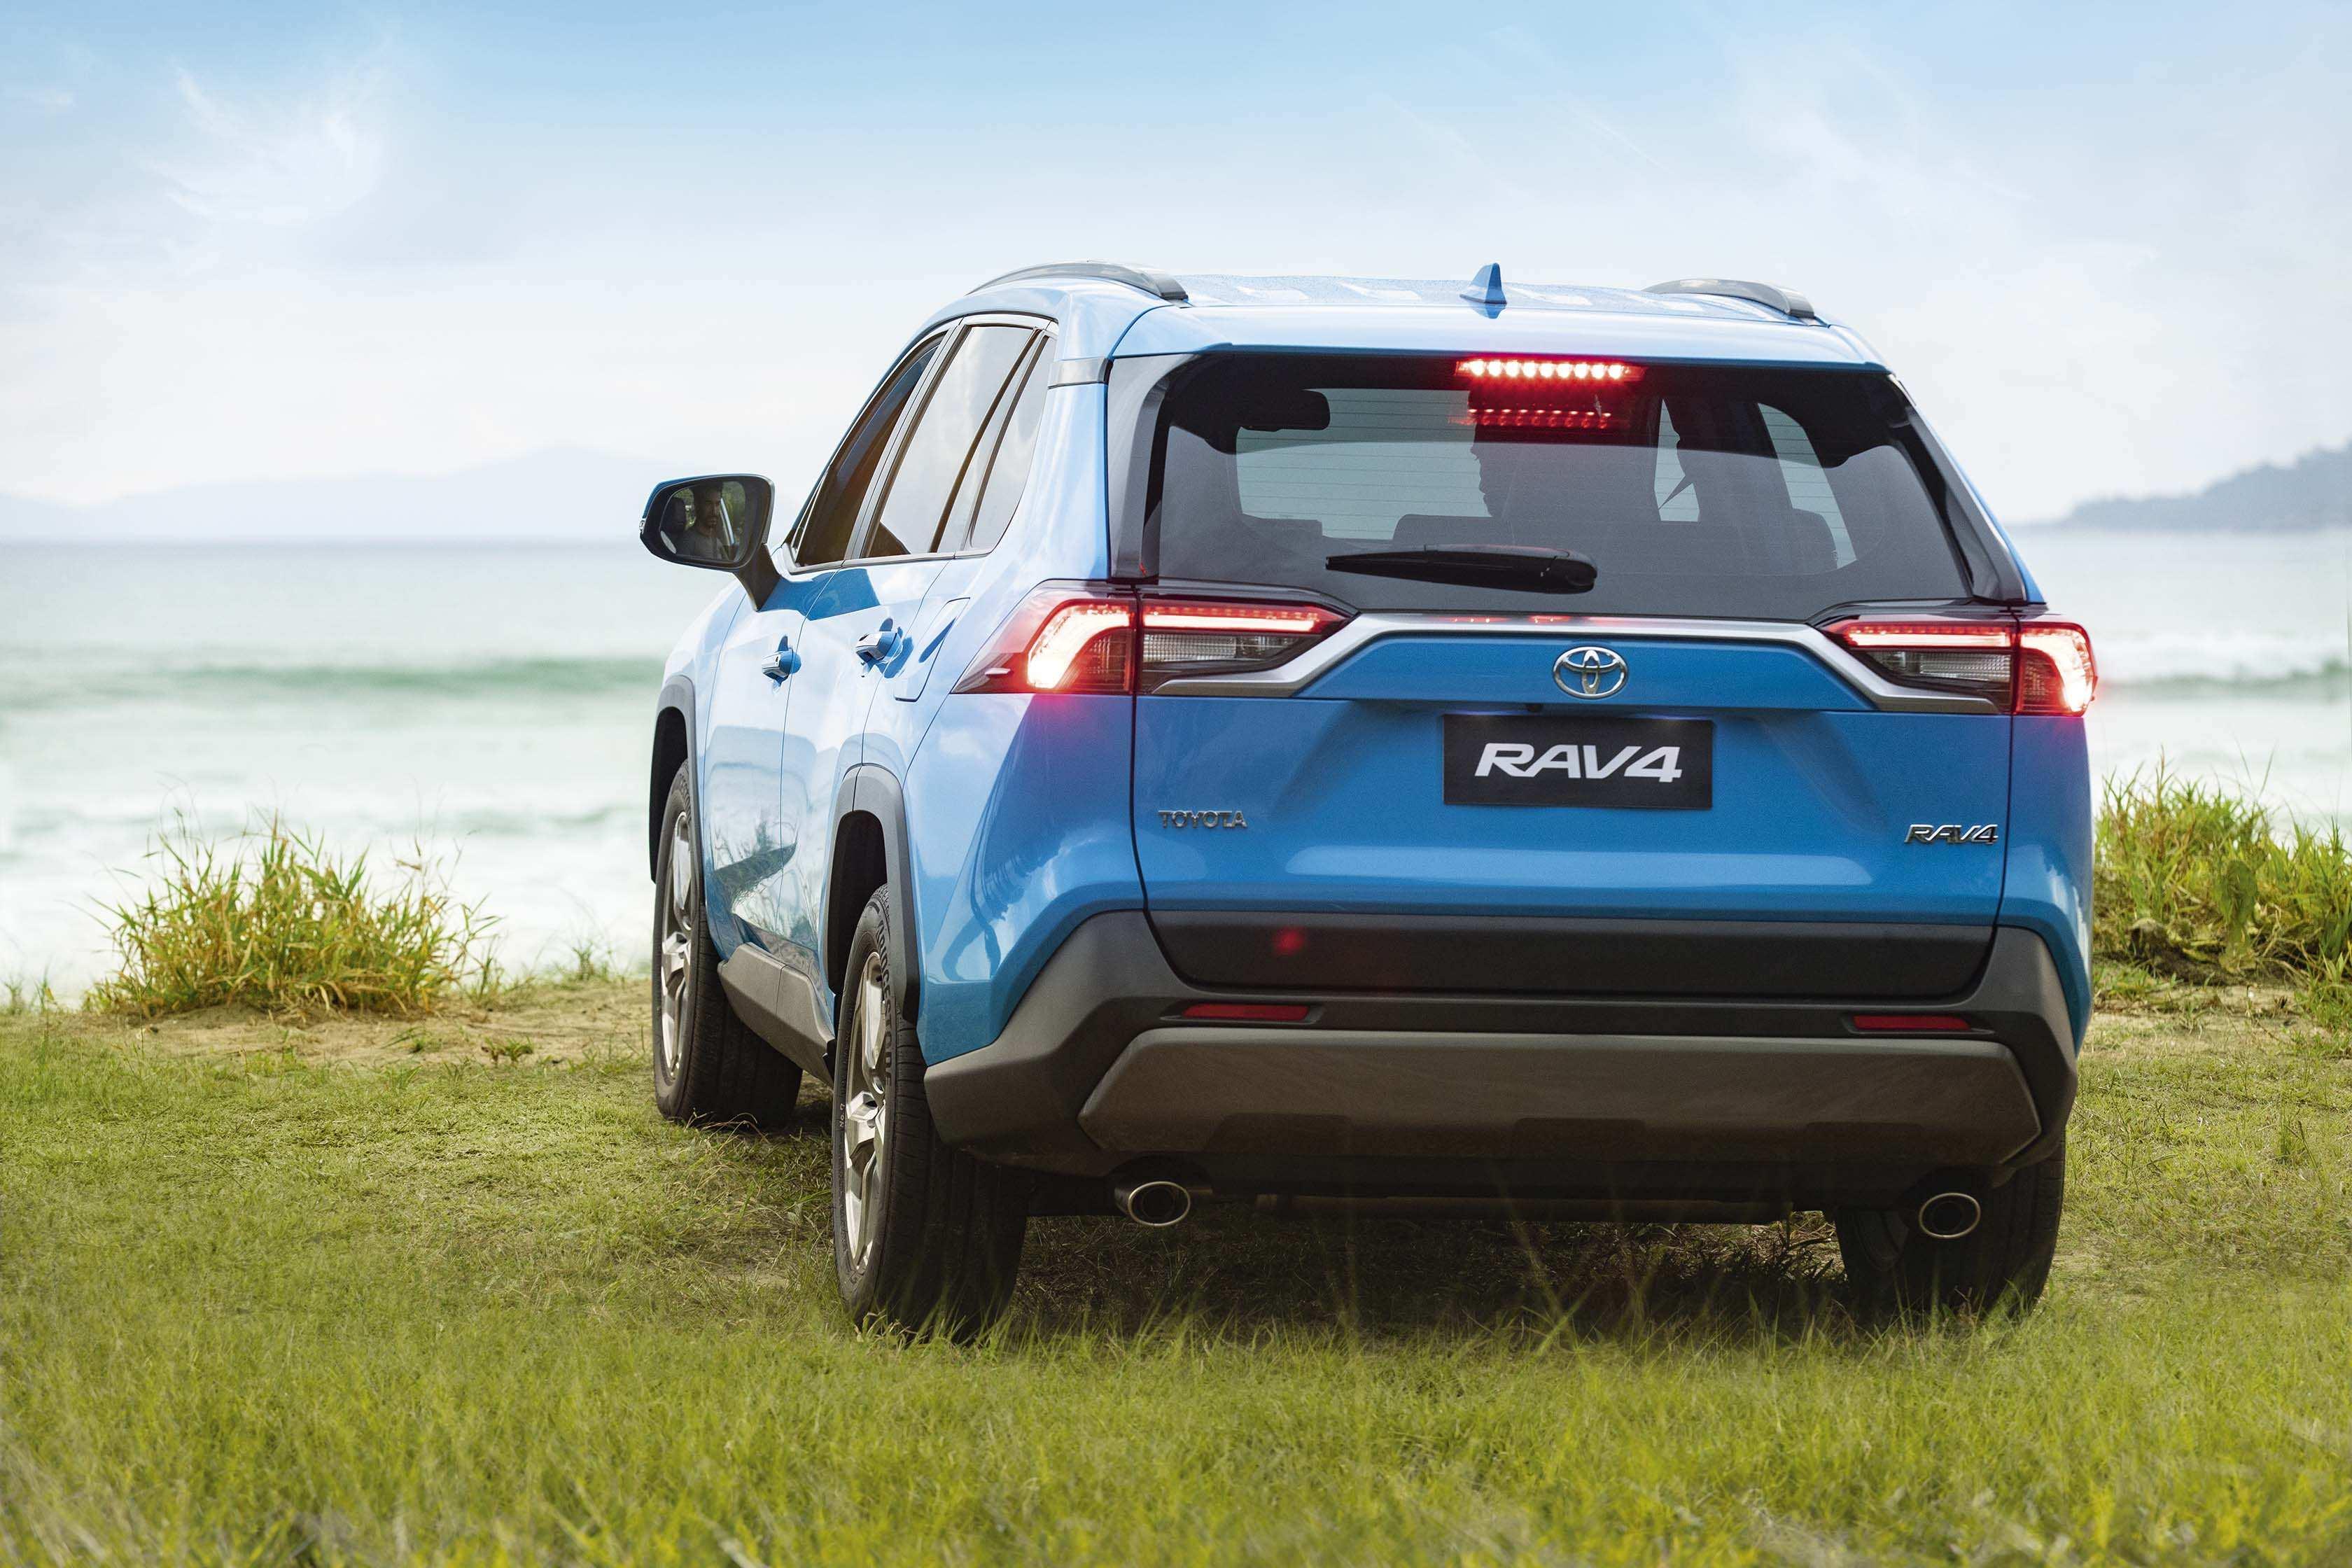 69 Best Review Toyota Jamaica 2020 Rav4 Wallpaper with Toyota Jamaica 2020 Rav4